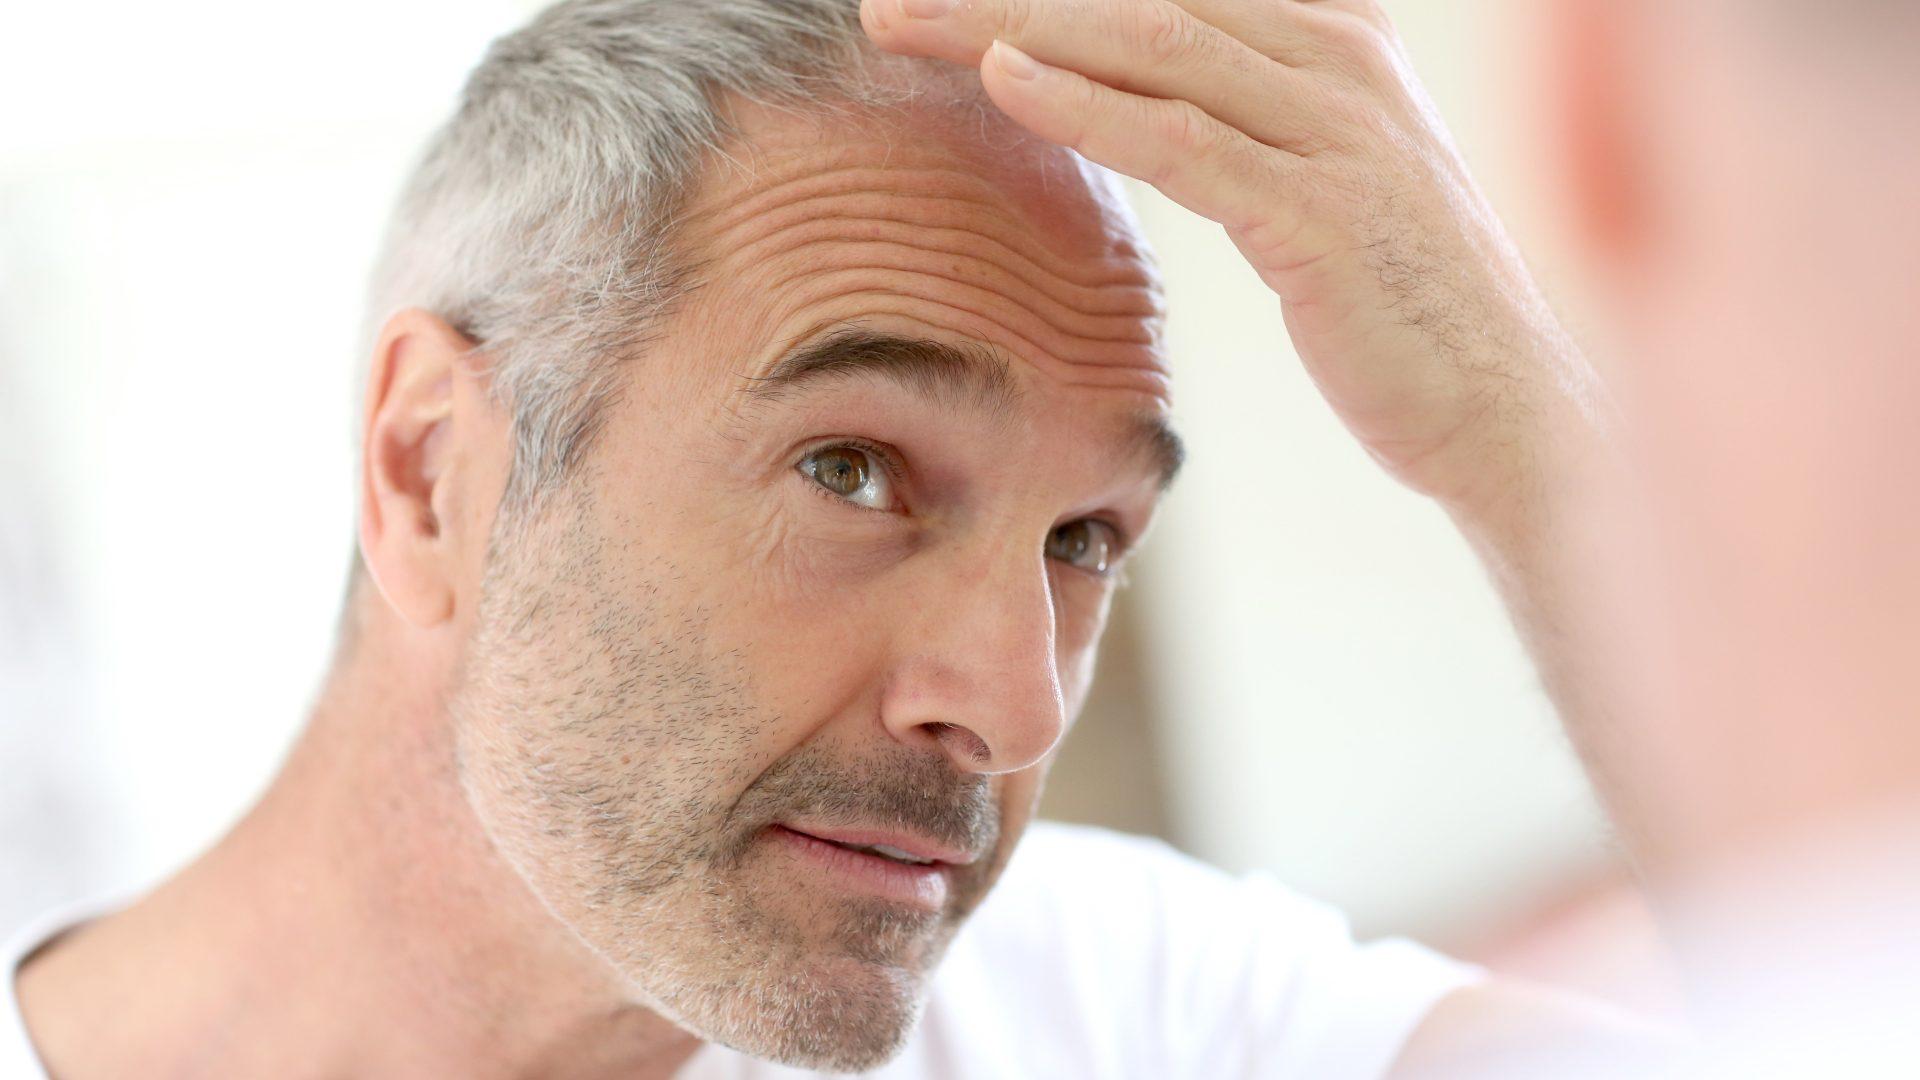 Haartransplantation Wien, Methoden, Haare